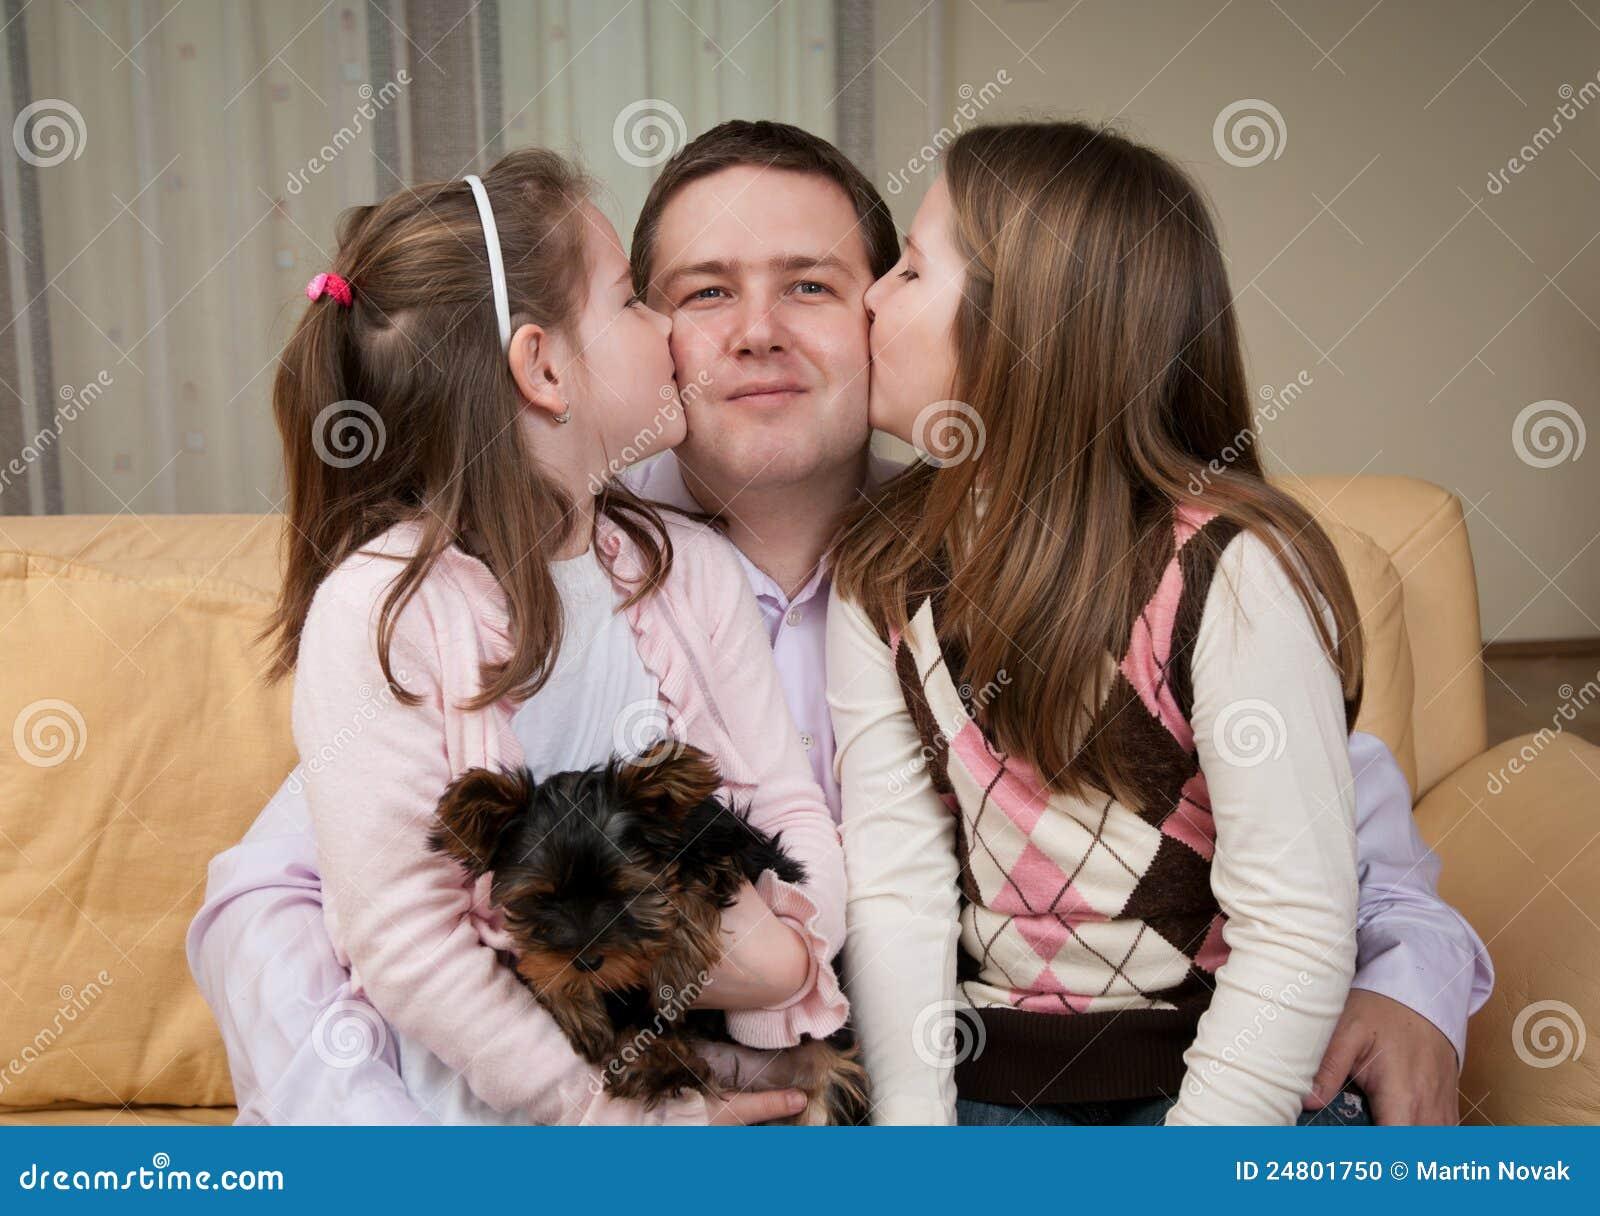 Kussen Voor Kinderen : Liefde kinderen die vader kussen stock foto afbeelding